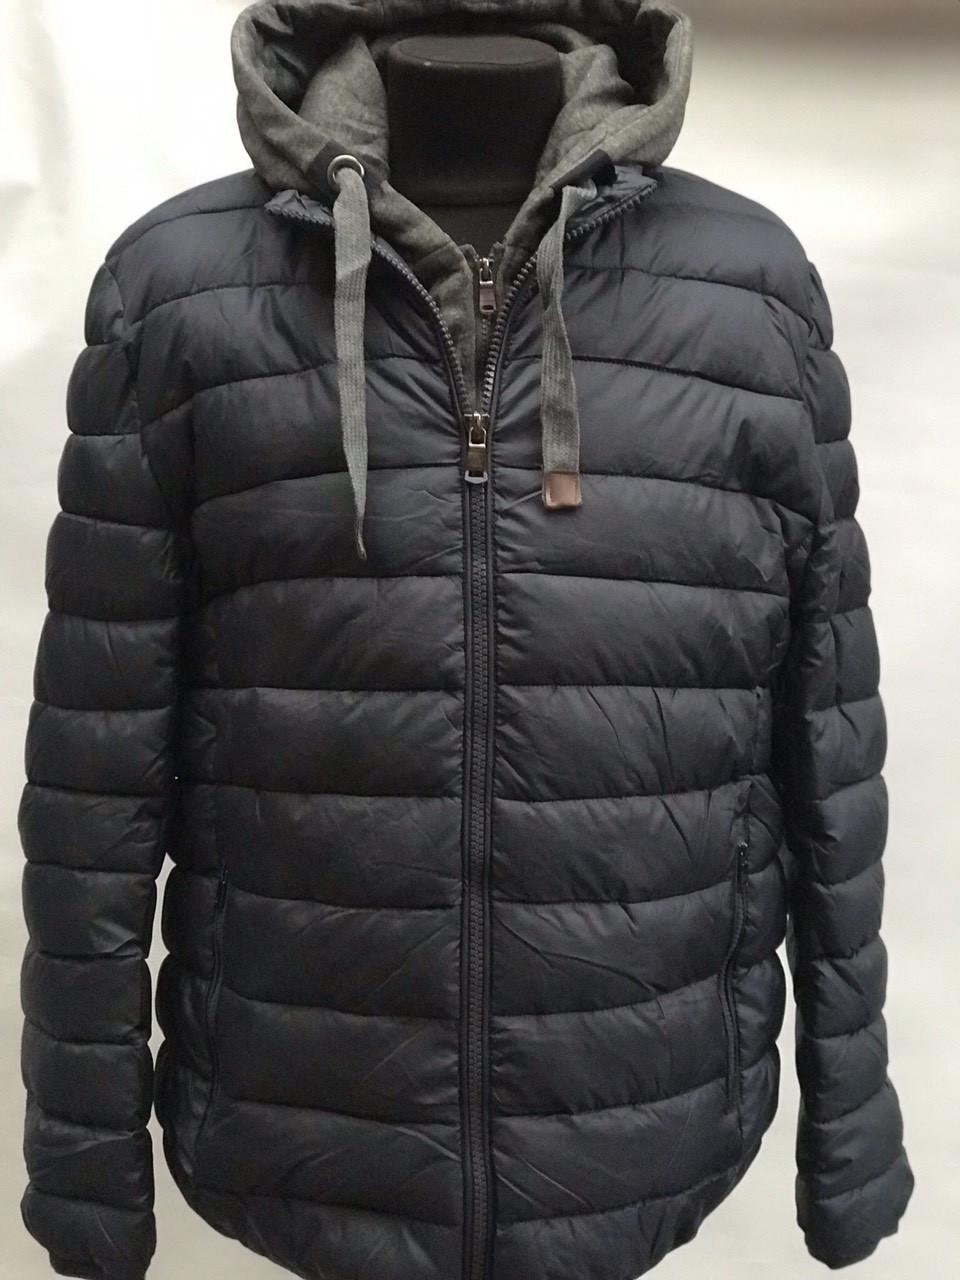 3f8941a68f8 Мужская зимняя куртка с капюшоном батал - Karia в Хмельницком